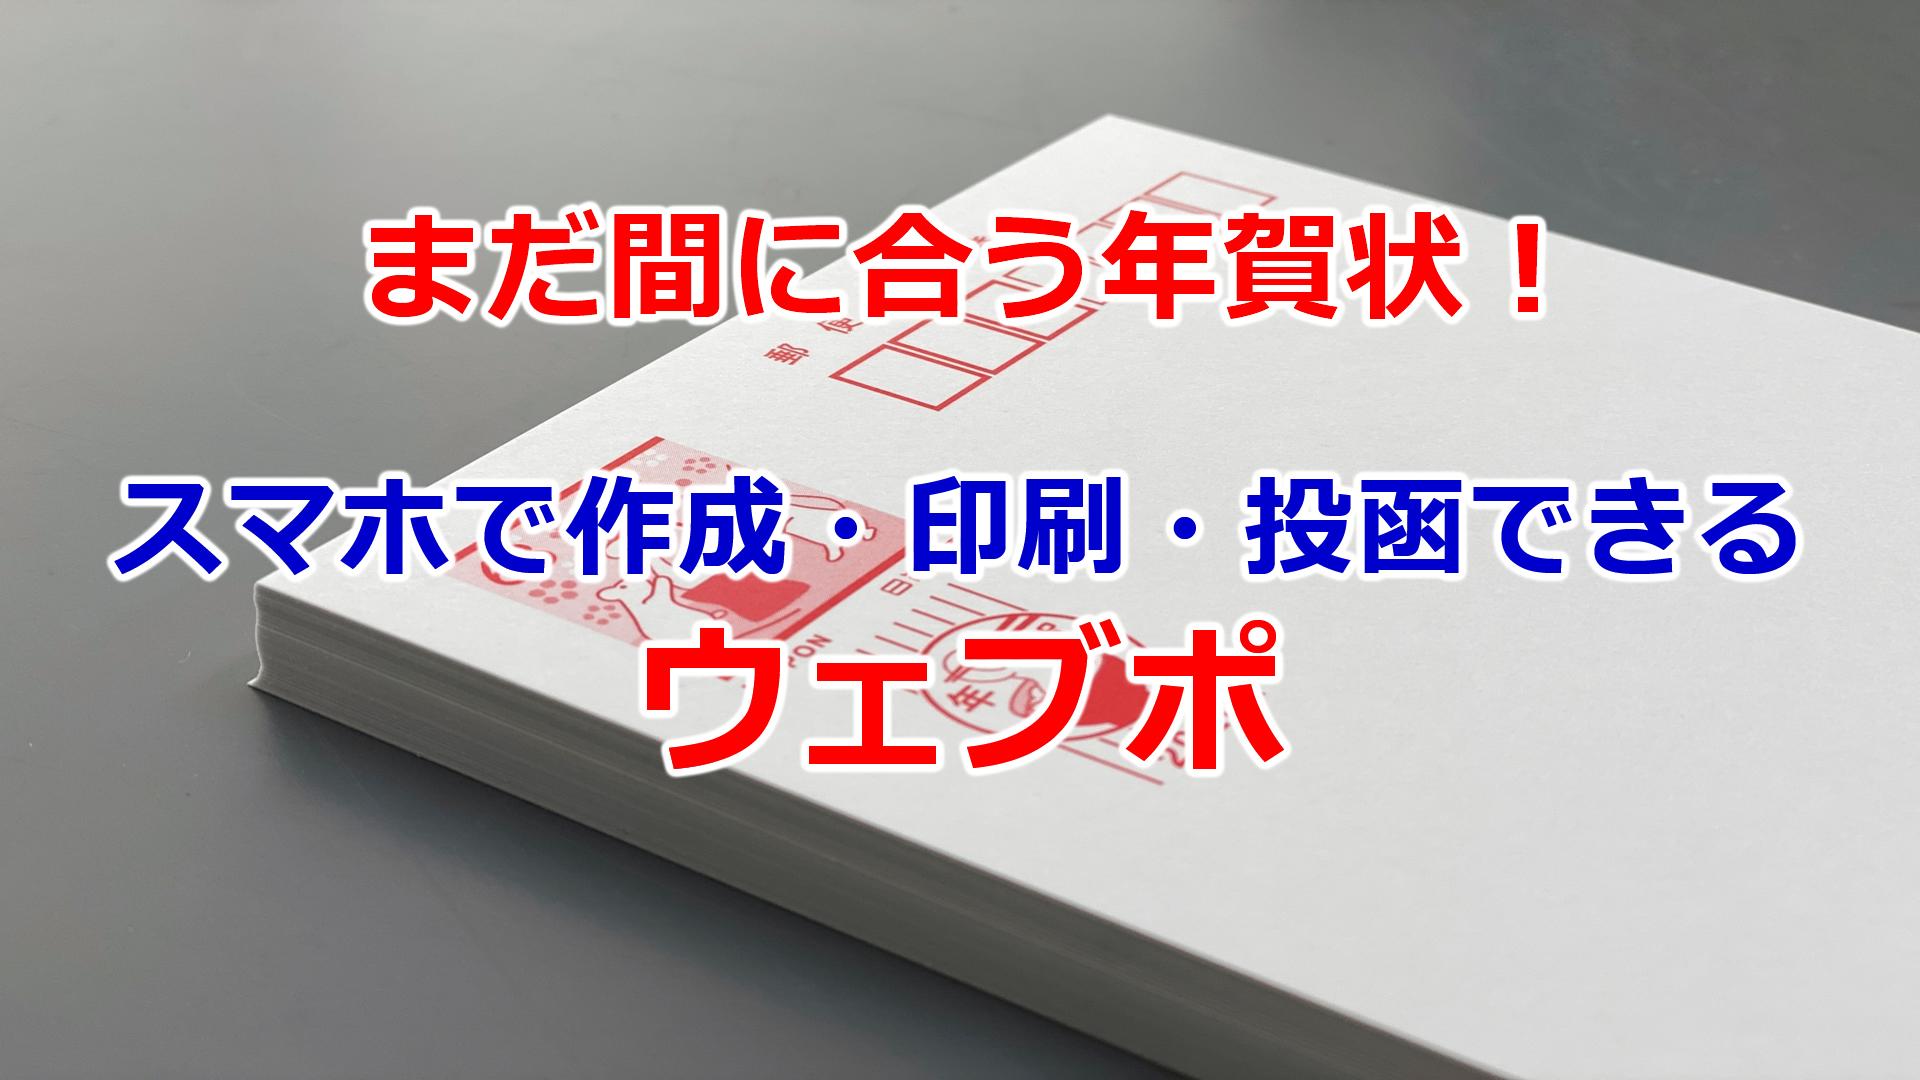 まだ間に合う年賀状!スマホで作成・印刷・投函できるウェブポ